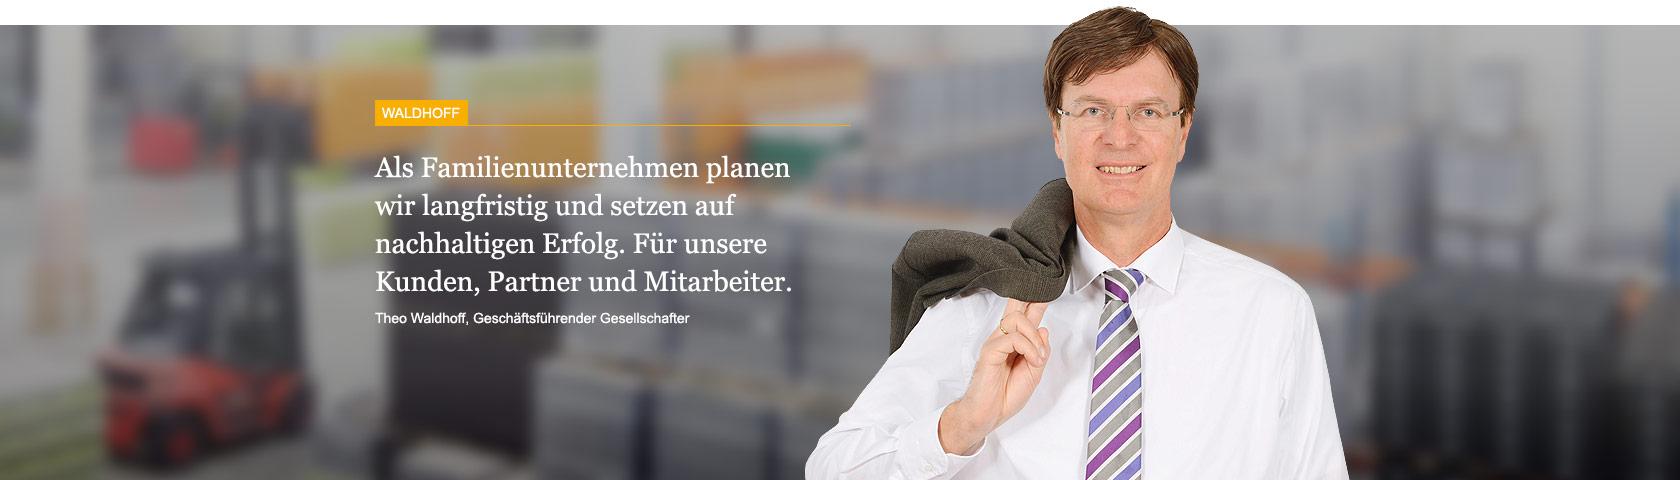 Slider_Unternehmen